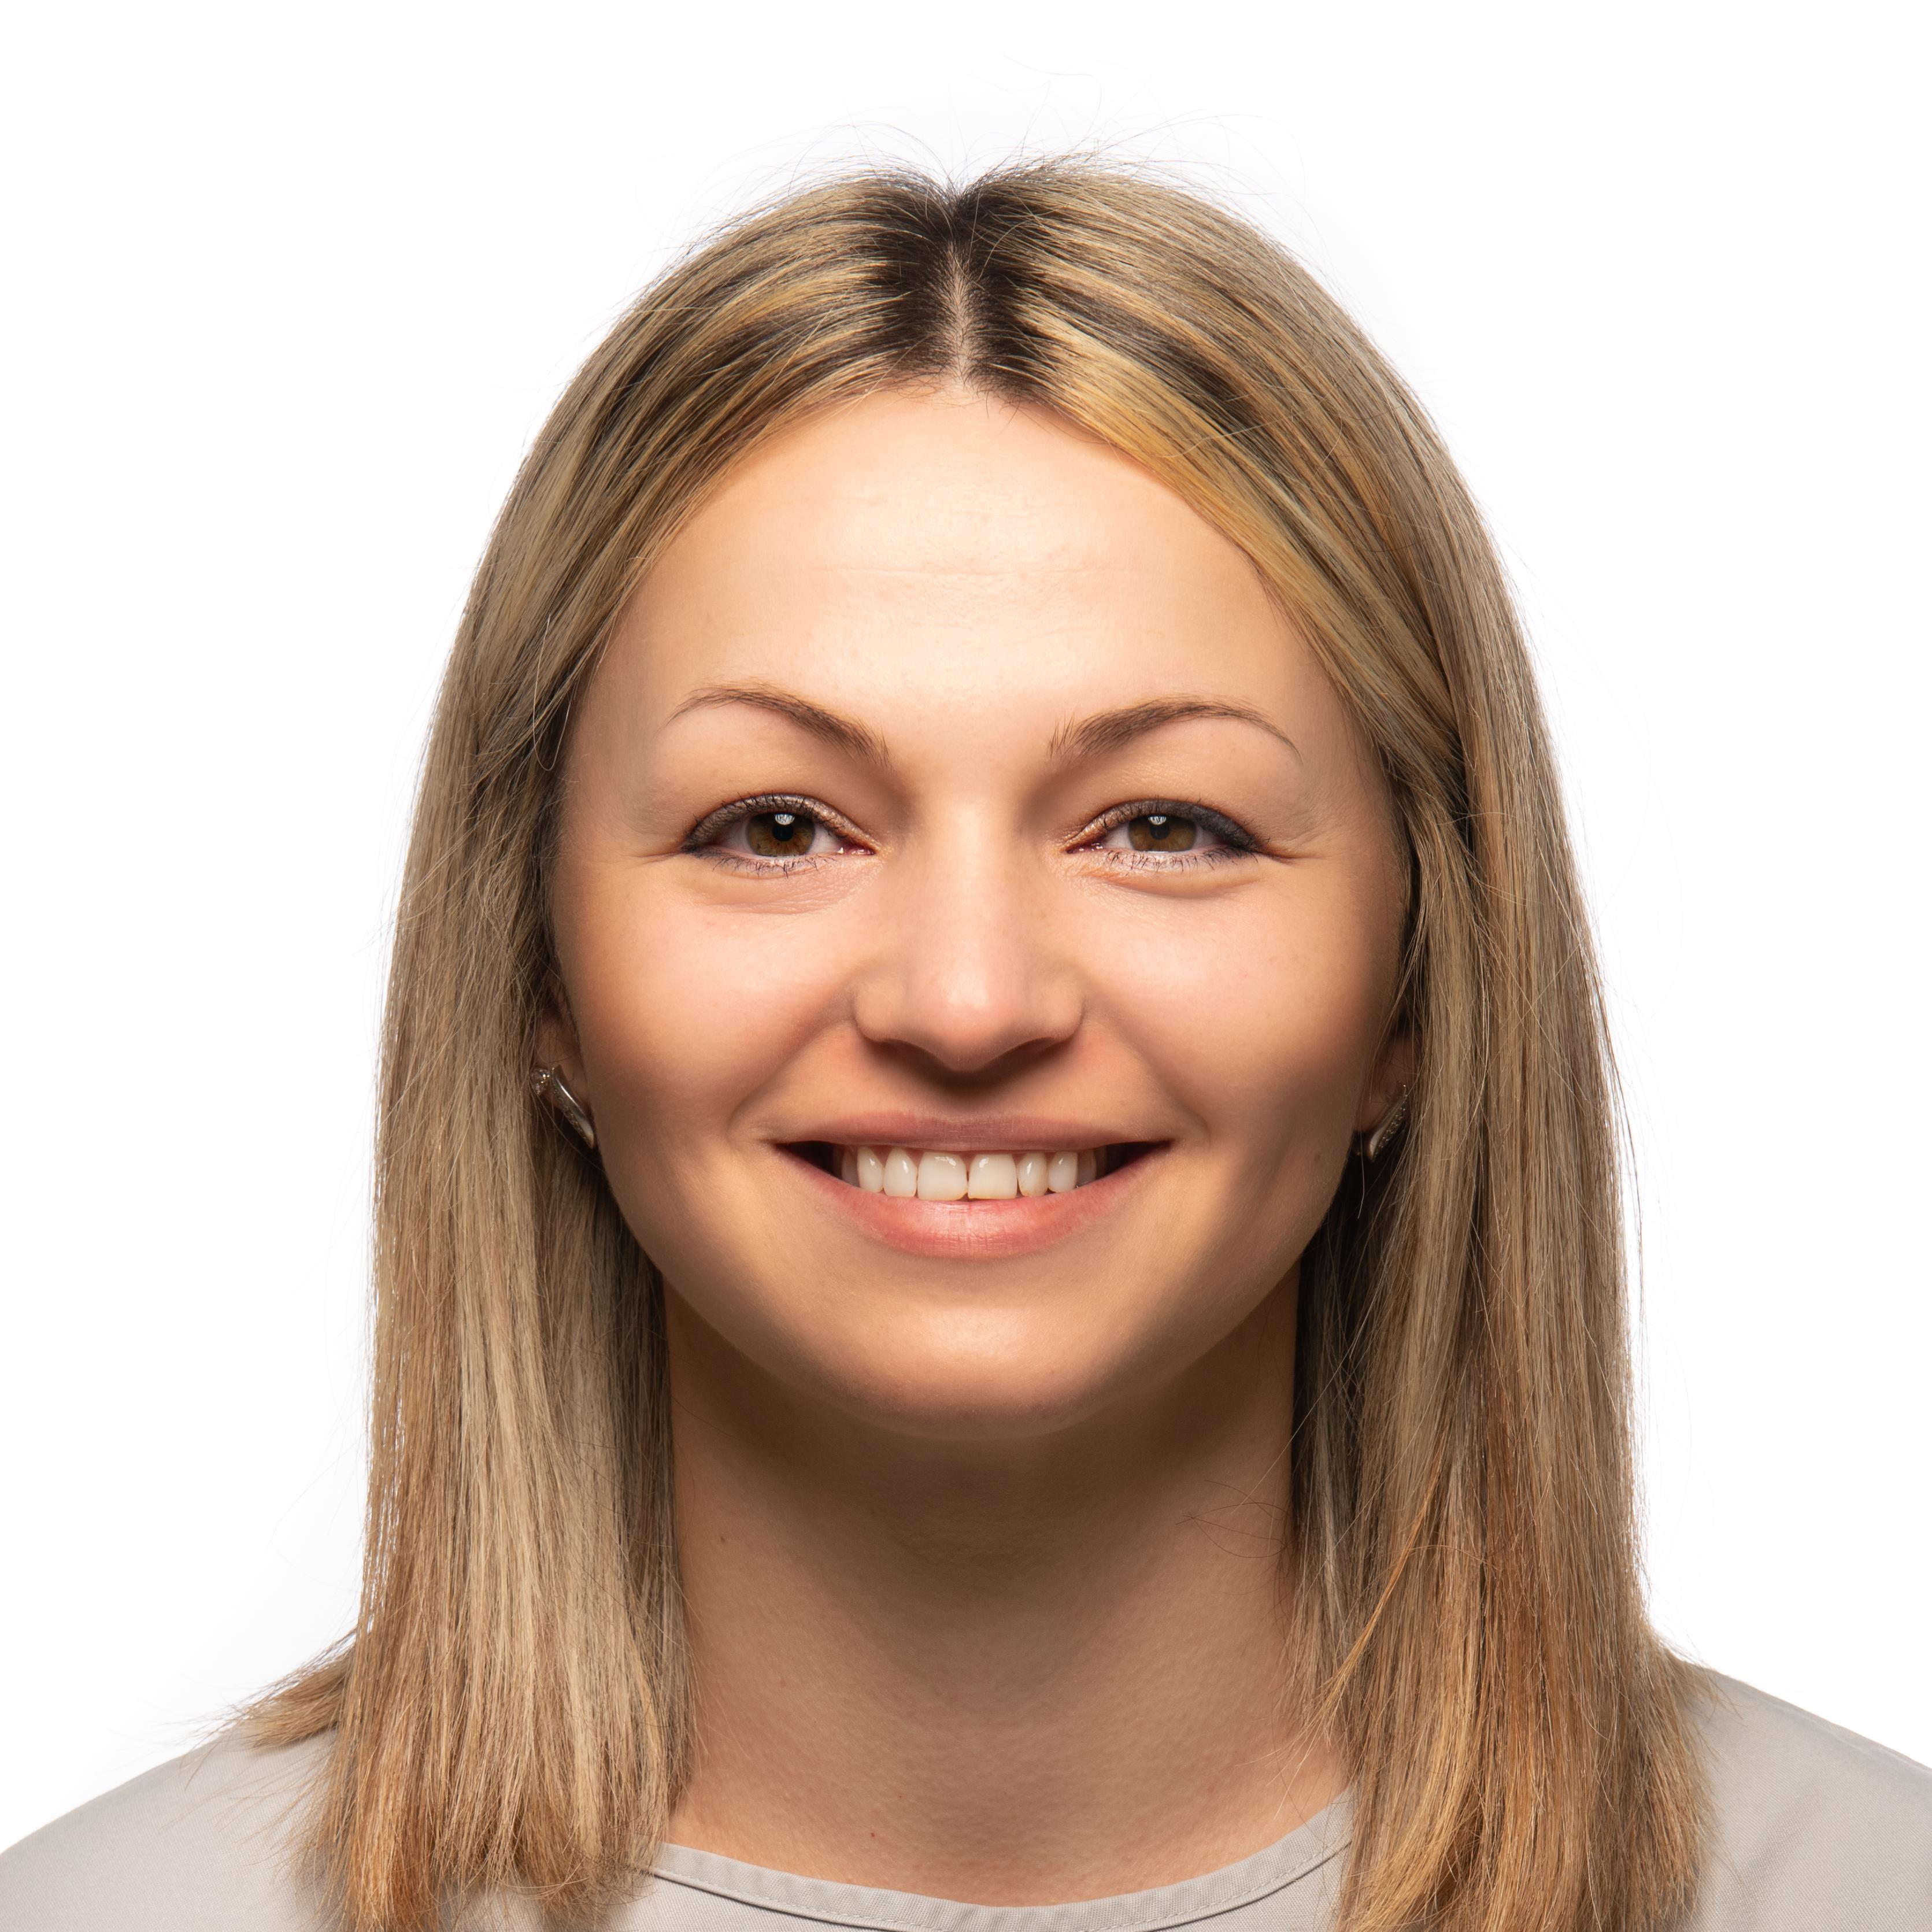 Vilma Prekaj